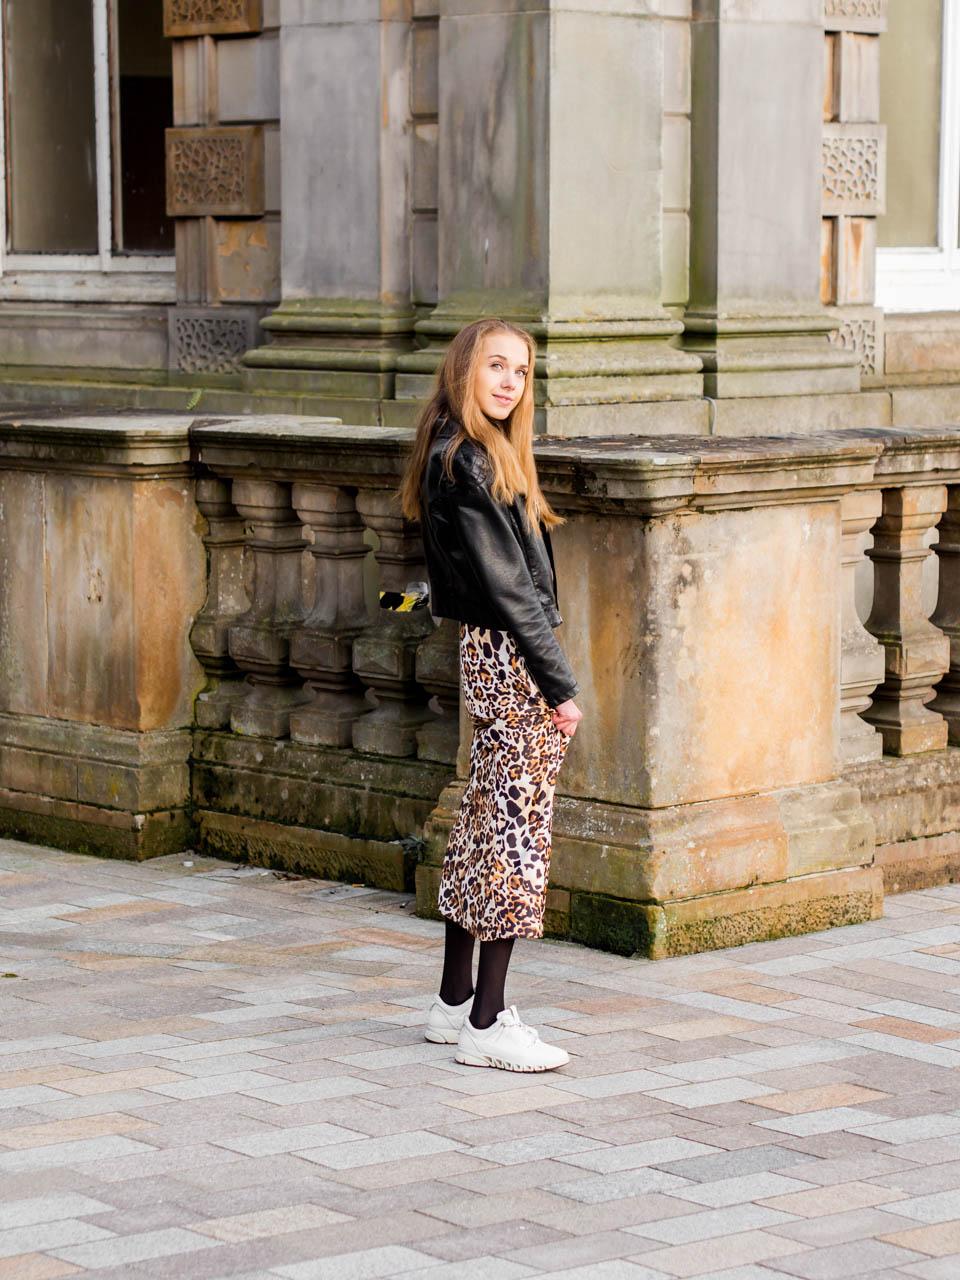 Fashion blogger leopard print outfits - Muotibloggaaja, leopardikuosi, asuinspiraatio